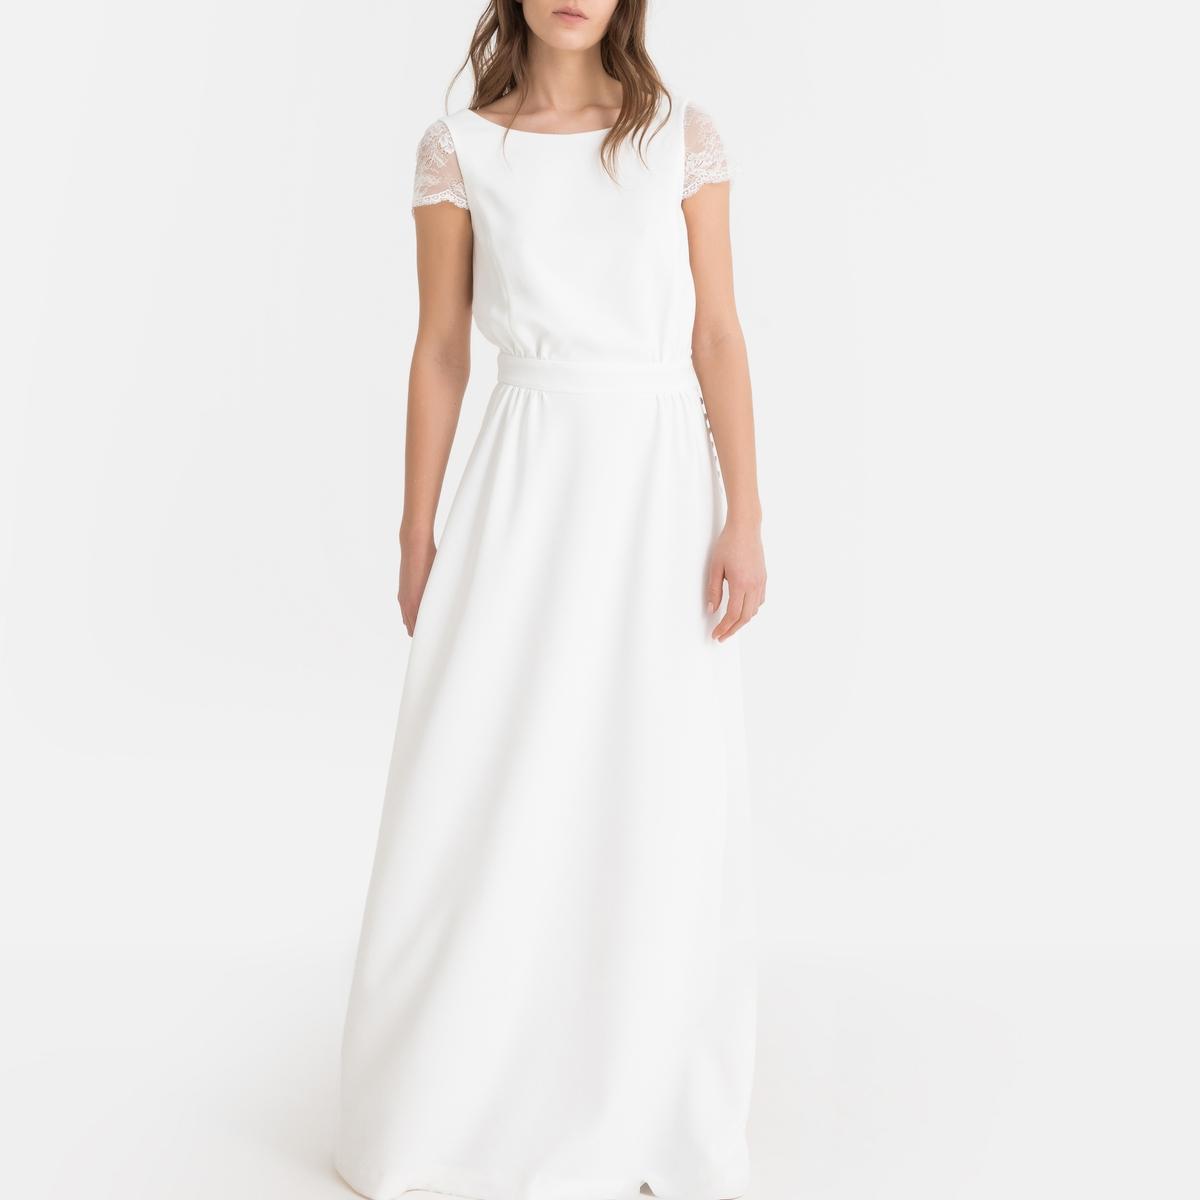 Vestido de noiva comprido, decote em renda atrás